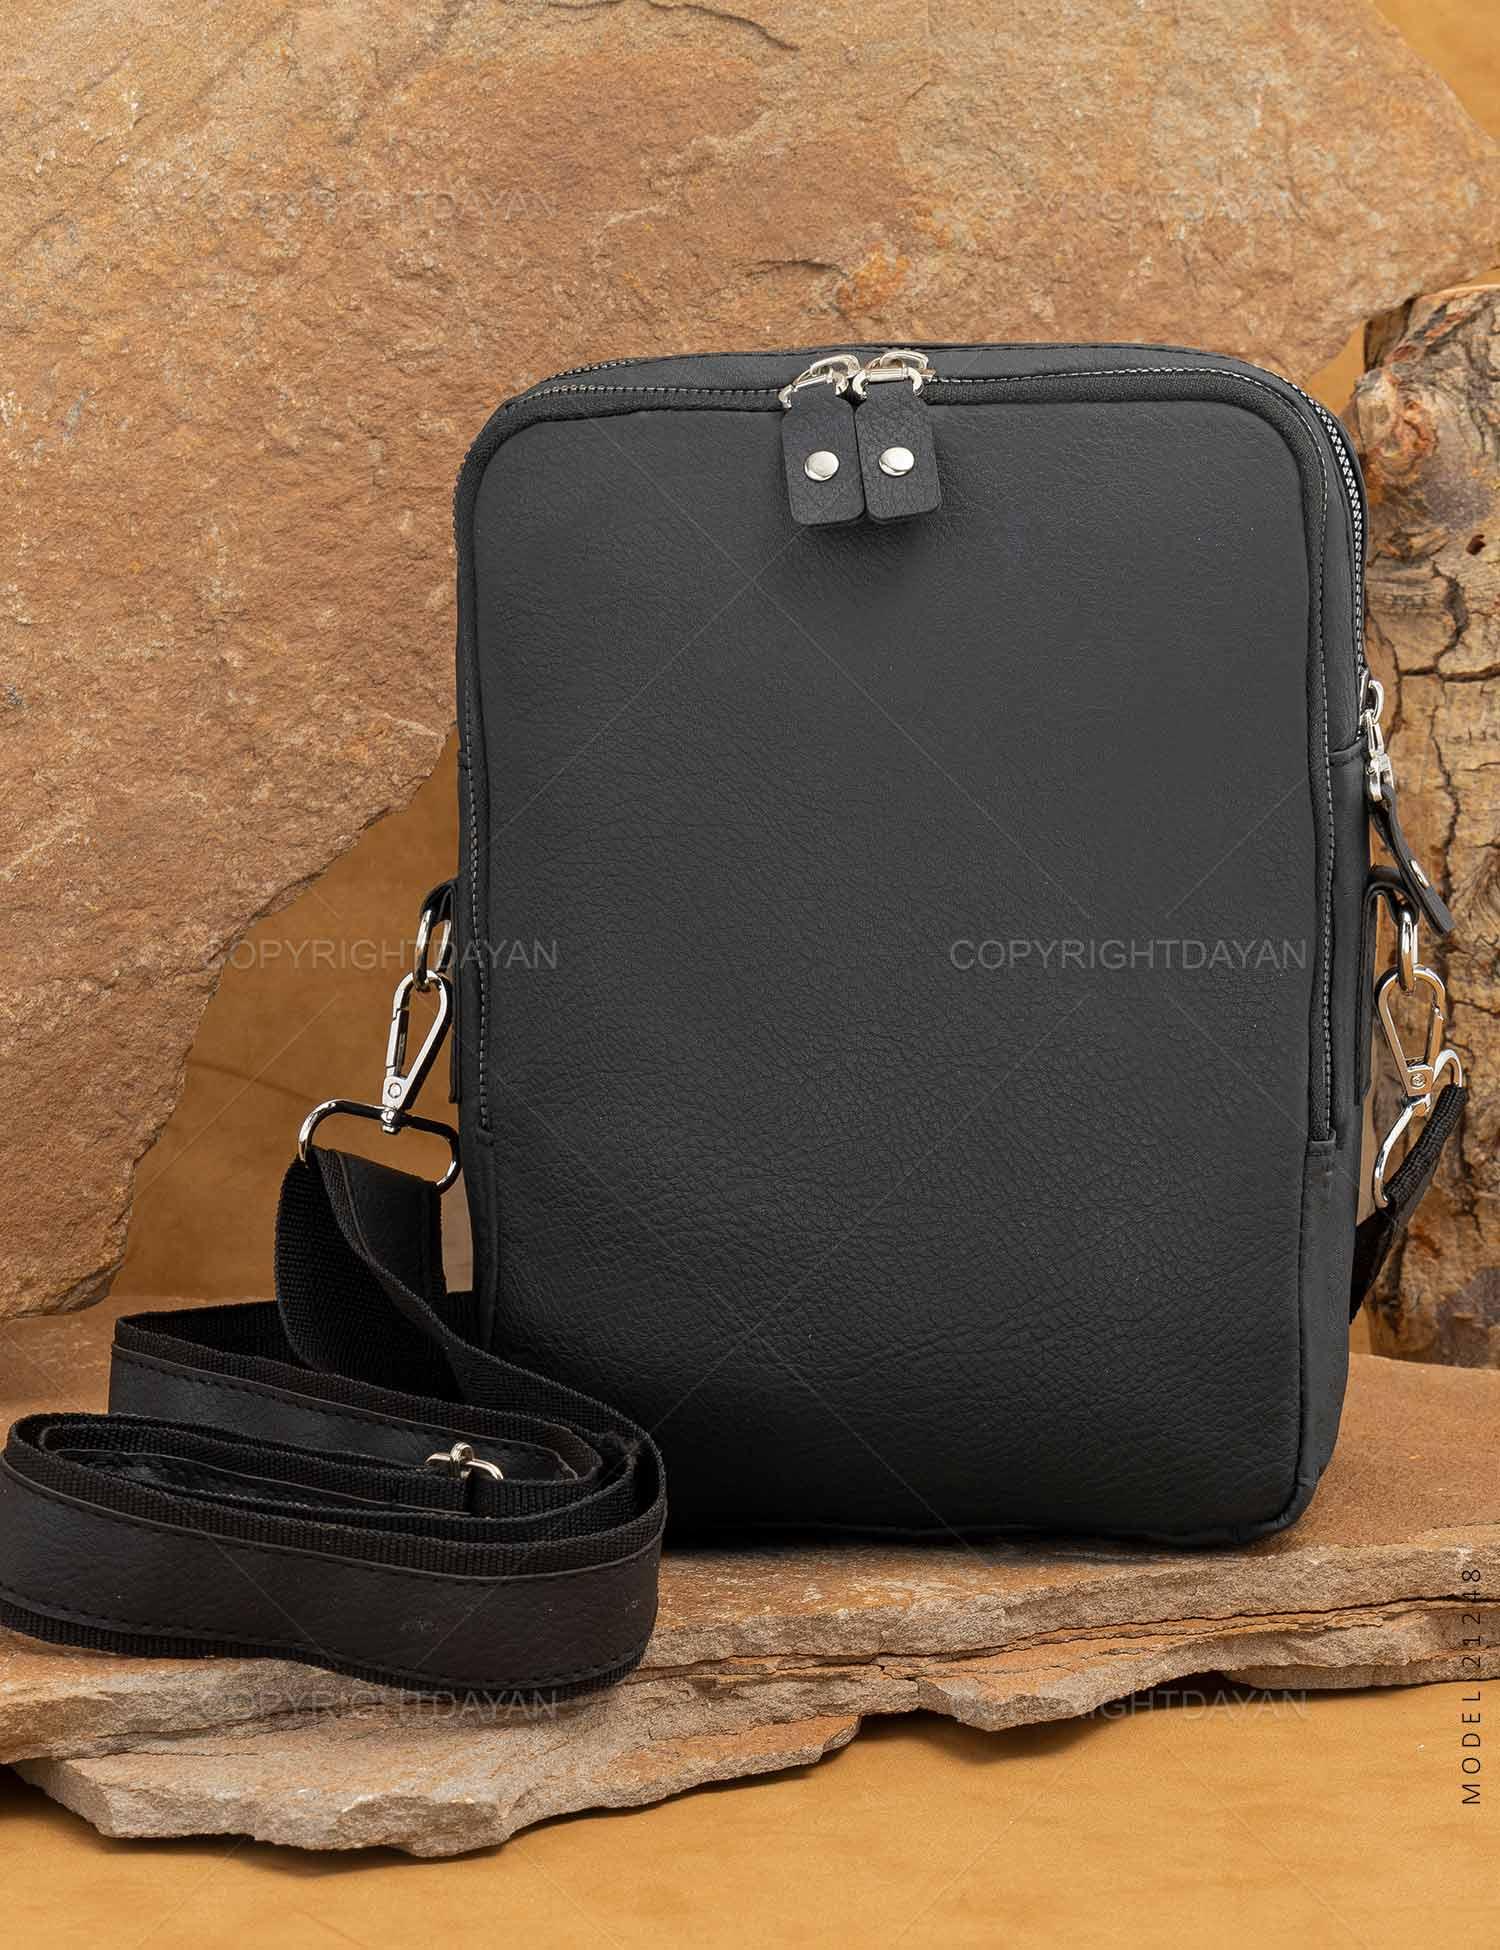 کیف دوشی Chanel مدل 21248 کیف دوشی Chanel مدل 21248 139,000 تومان